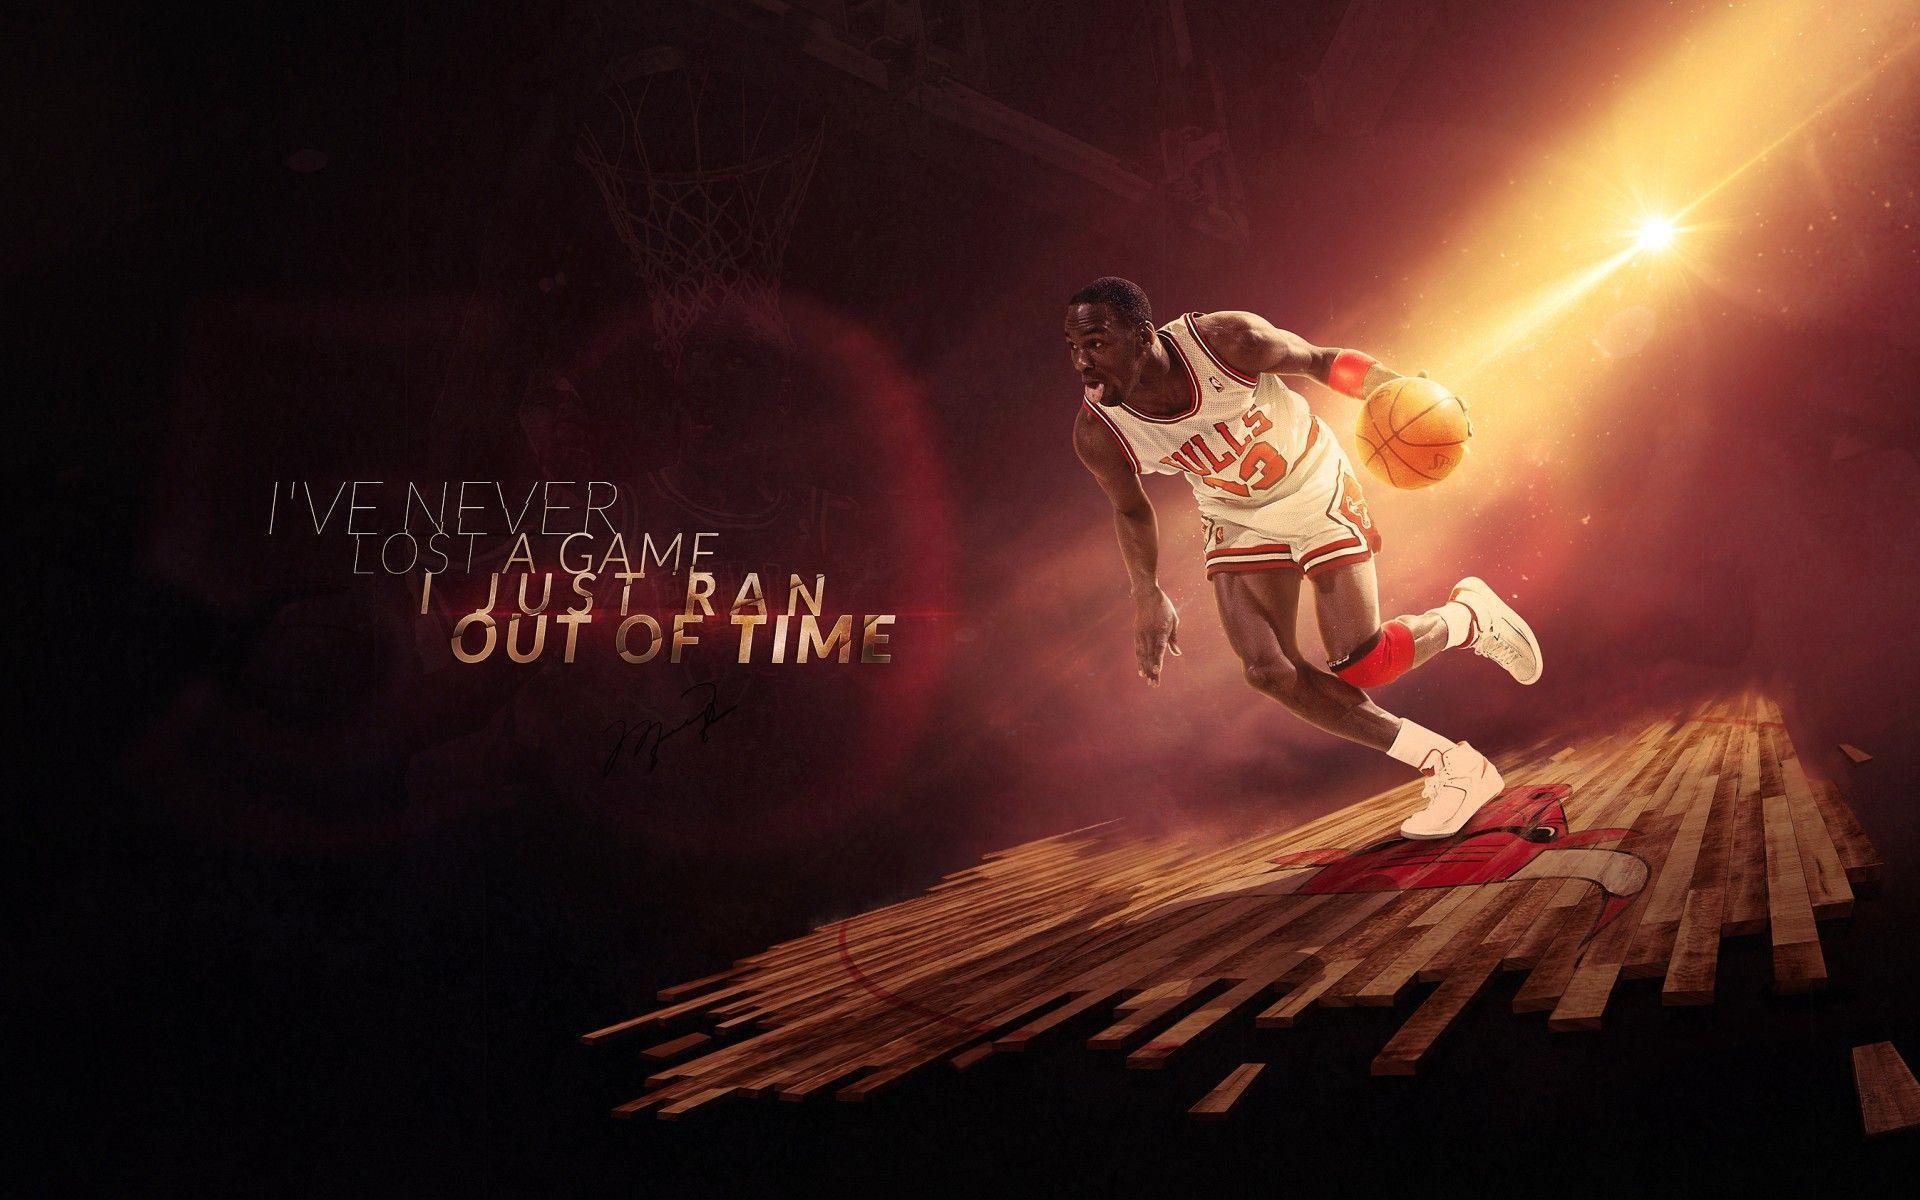 Michael Jordan Quote Hd Wallpapers Free Download: Michael Jordan Quotes Wallpapers